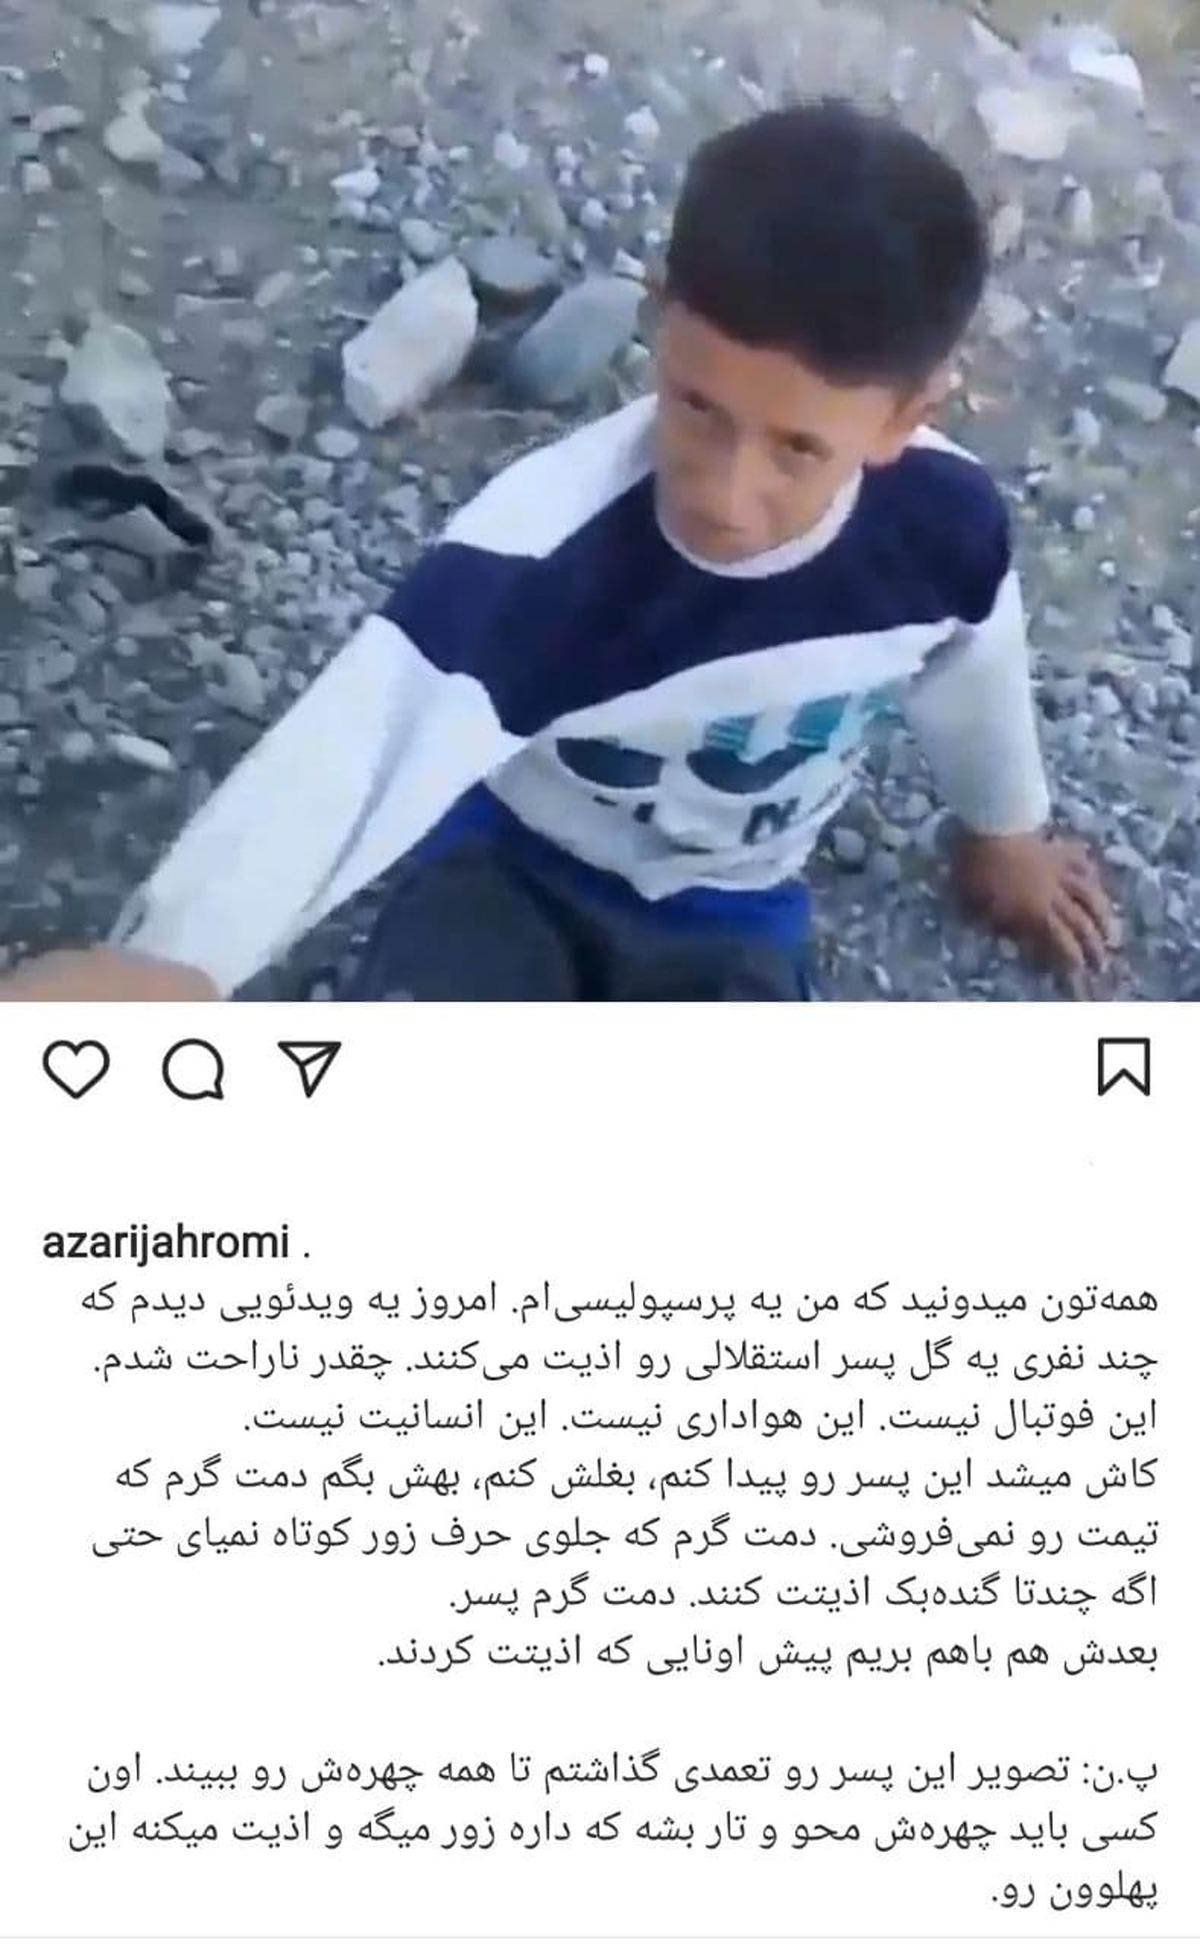 پست اینستاگرامی وزیر ارتباطات درباره کودک طرفدار استقلال